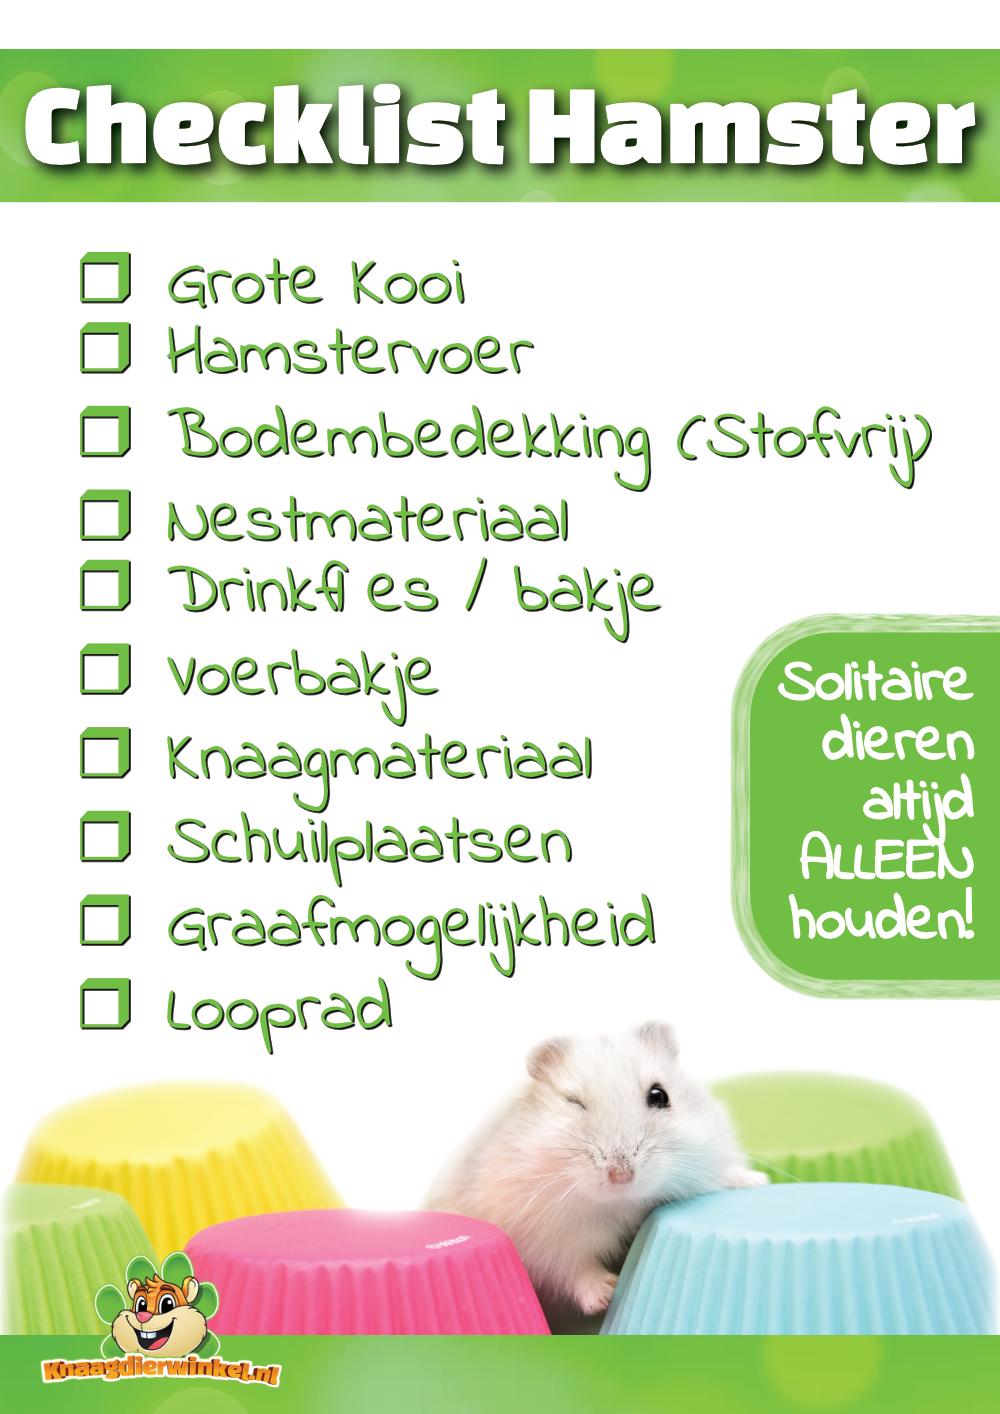 Checklist Hamster